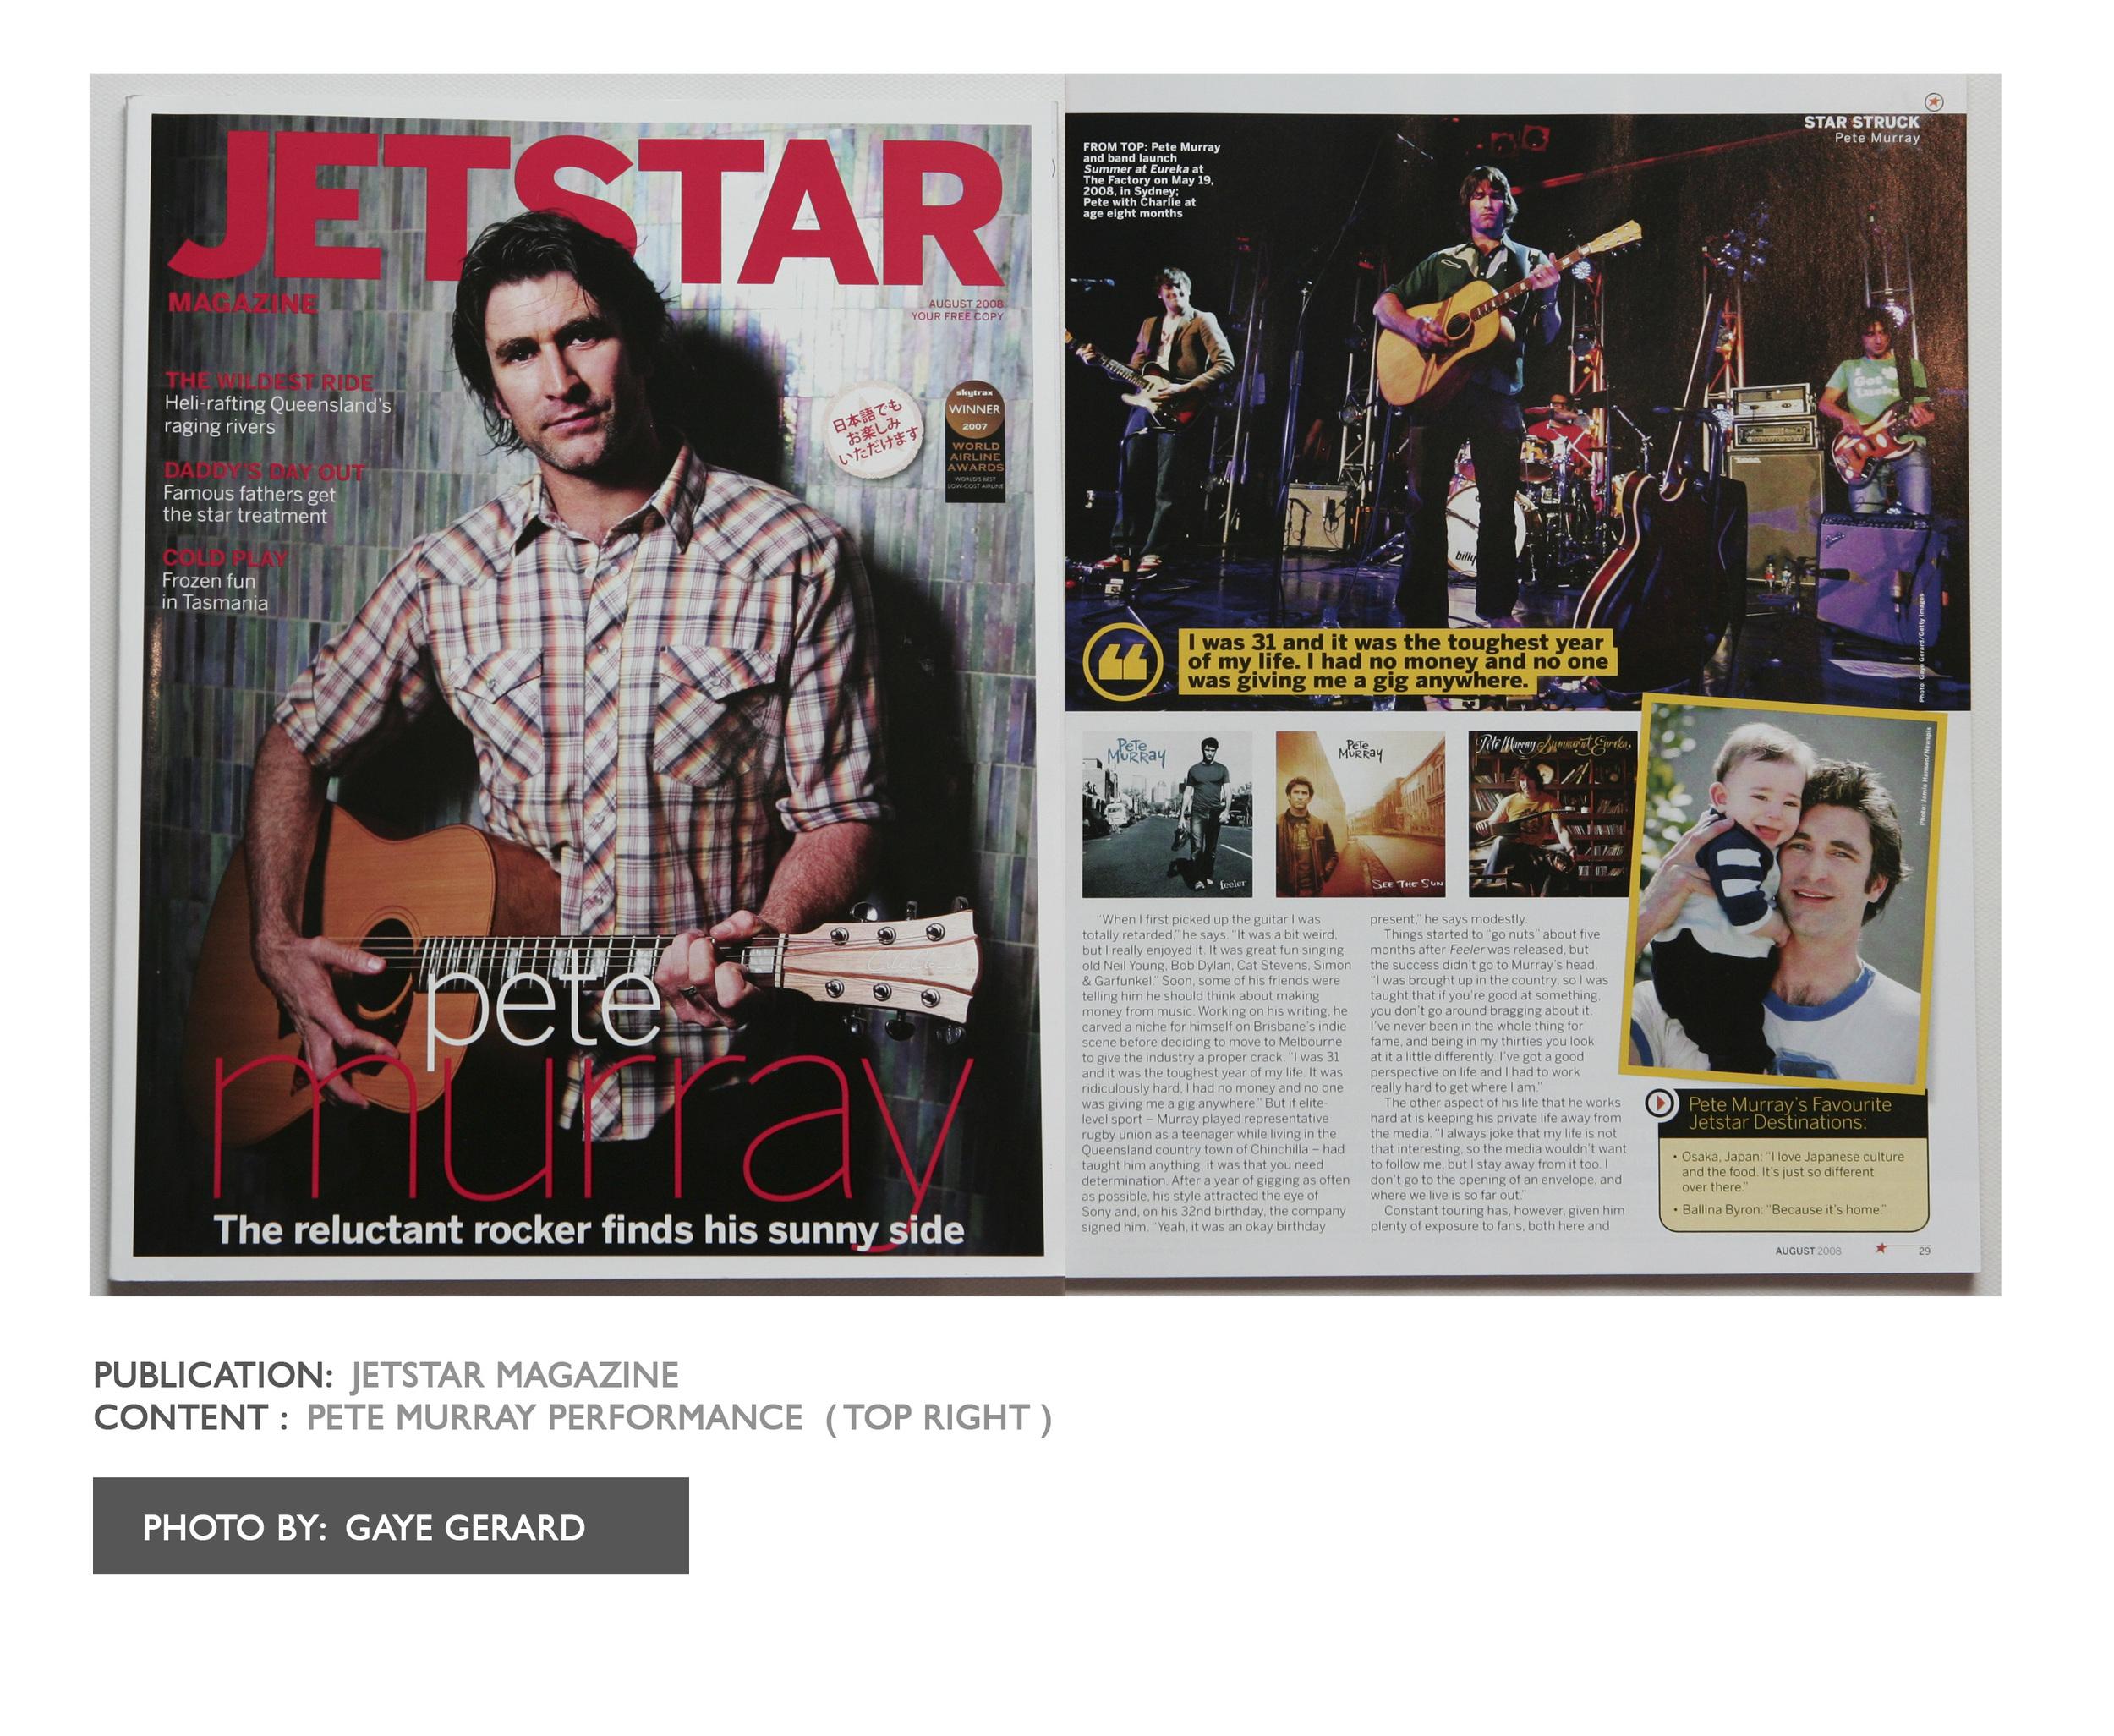 jetstar 1.jpg